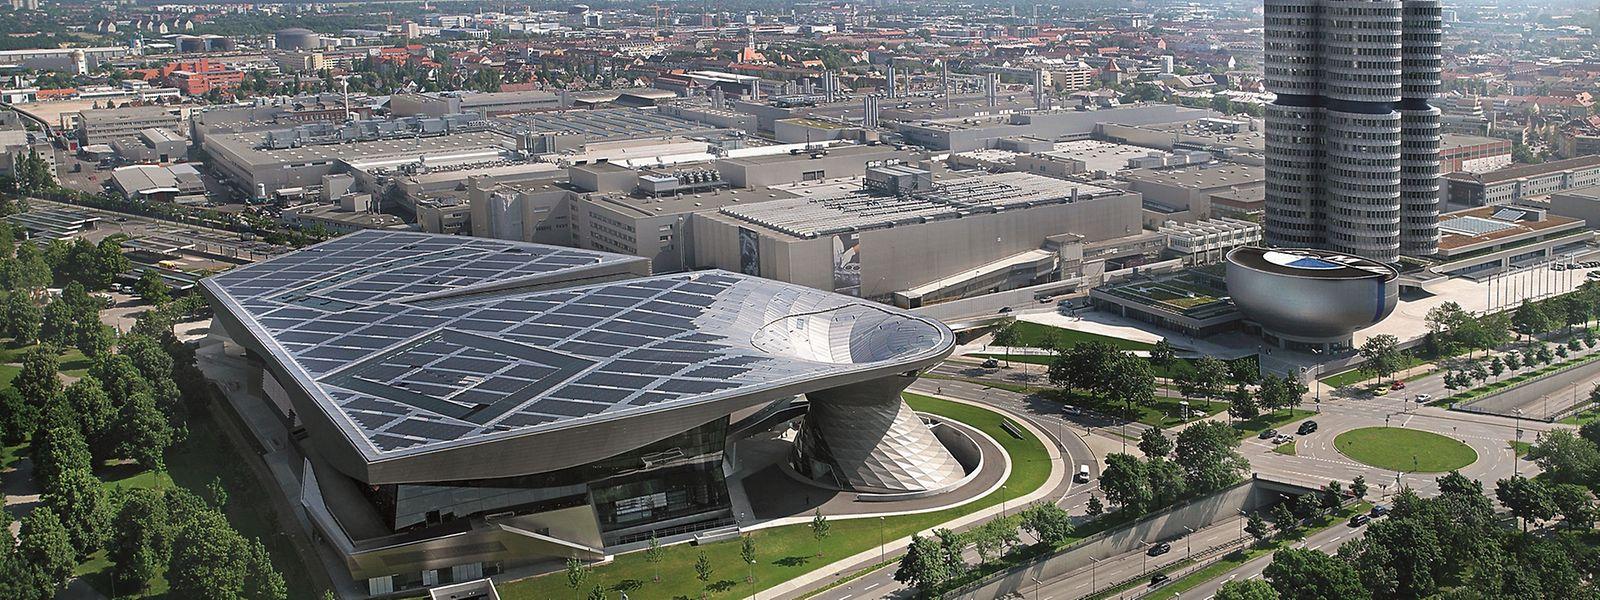 """Architektonische Meisterwerke: Die BMW Welt, das BMW Museum und das """"Vierzylinder"""" genannte Verwaltungsgebäude gehören mittlerweile zu den Wahrzeichen der Stadt München."""